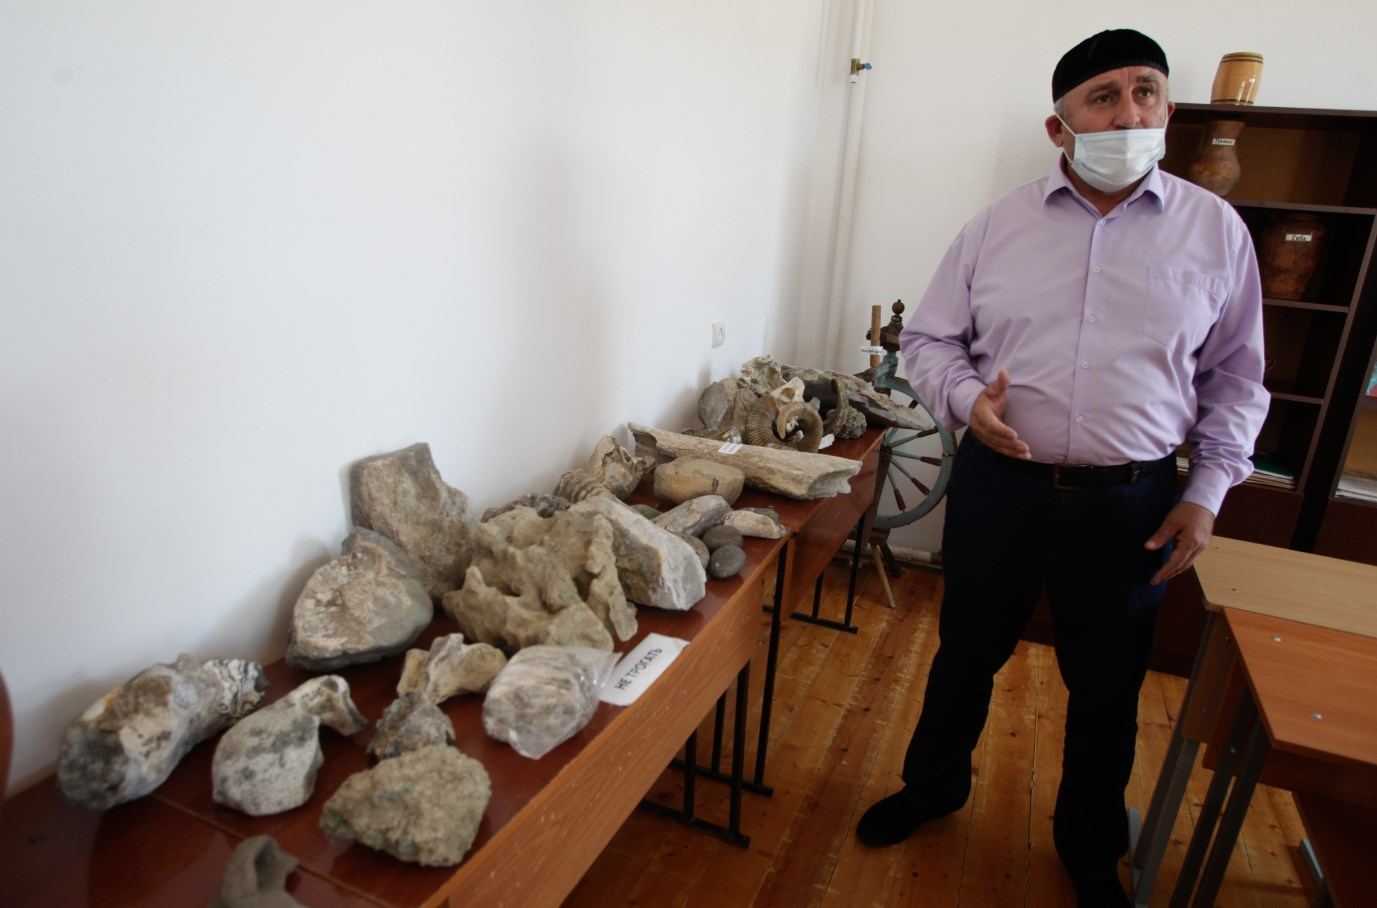 Директор школы демонстрирует экспозицию музея